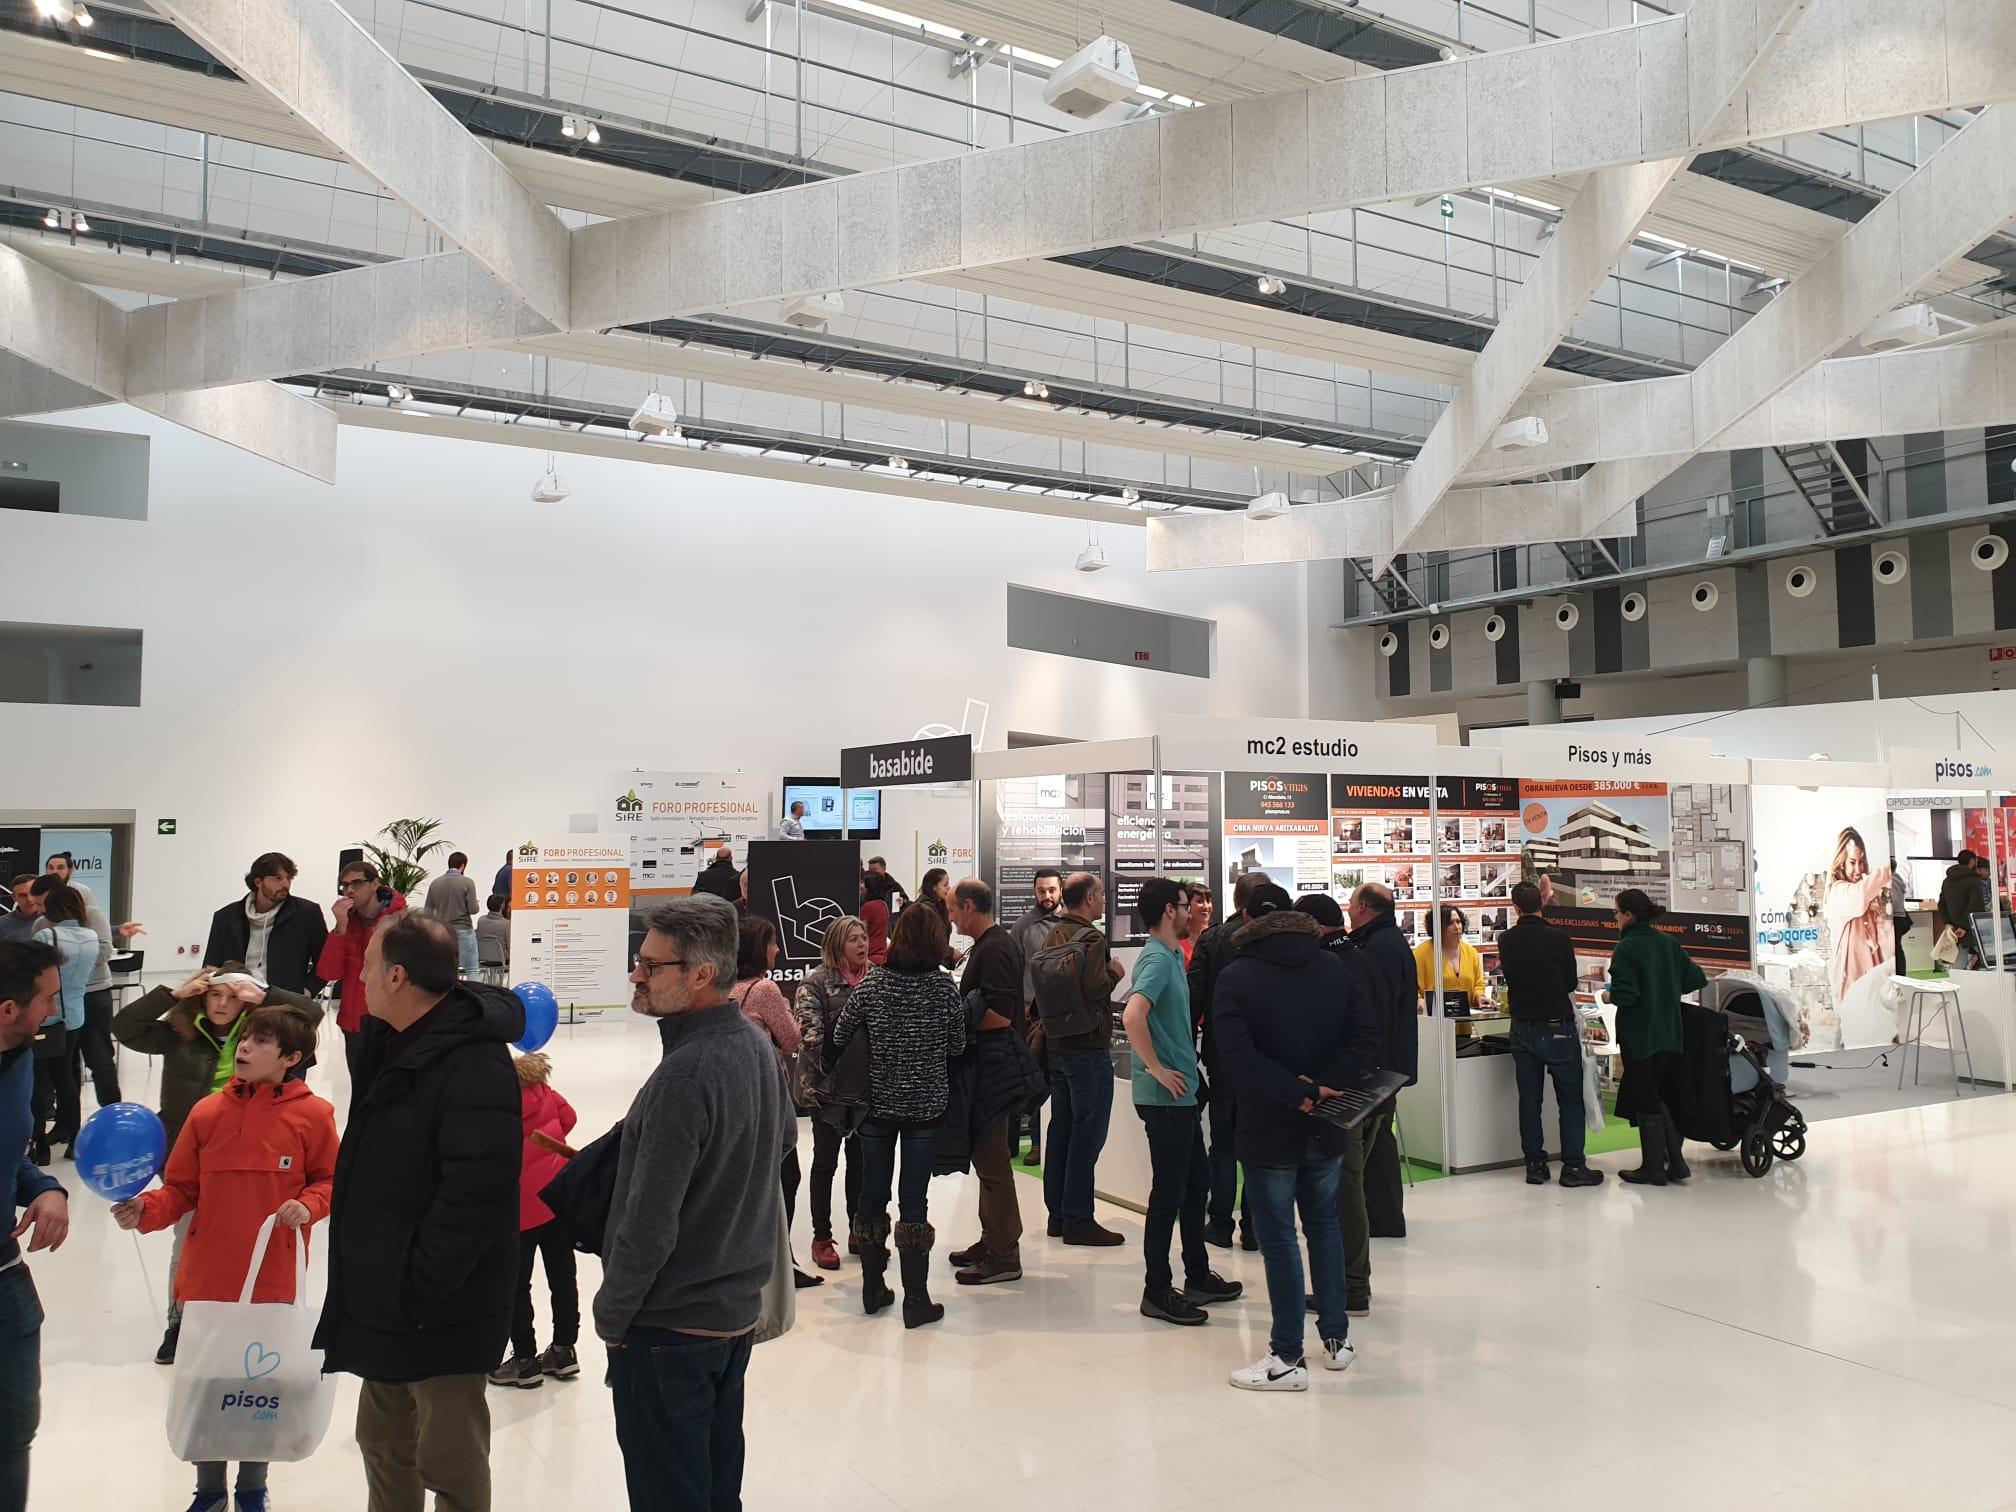 imagen 2 de noticia: asistimos-al-foro-profesional-del-saln-inmobiliario-rehabilitacin-y-eficiencia-energtica-celebrado-en-vitoria